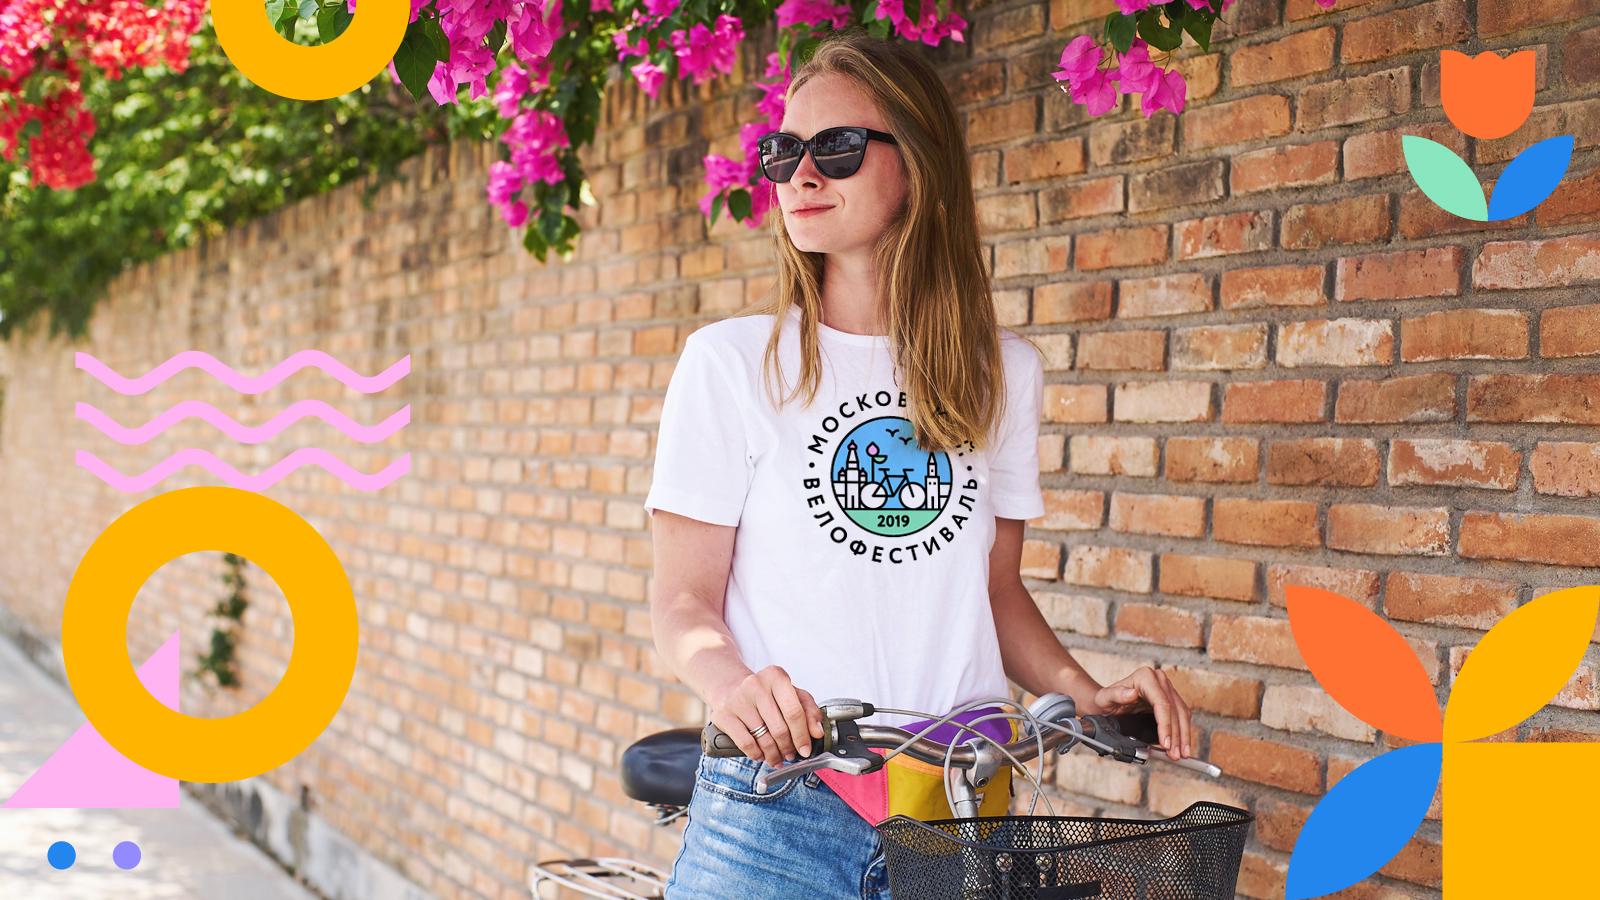 Фирменный стиль с легкостью адаптируется на все виды носителей, от рекламных материалов до футболок участников.